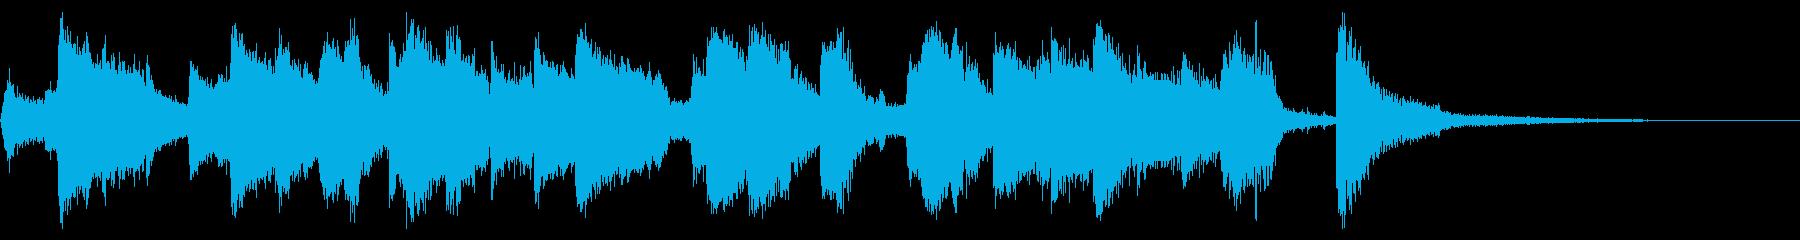 ビッグバンドジャズのBGM2の再生済みの波形